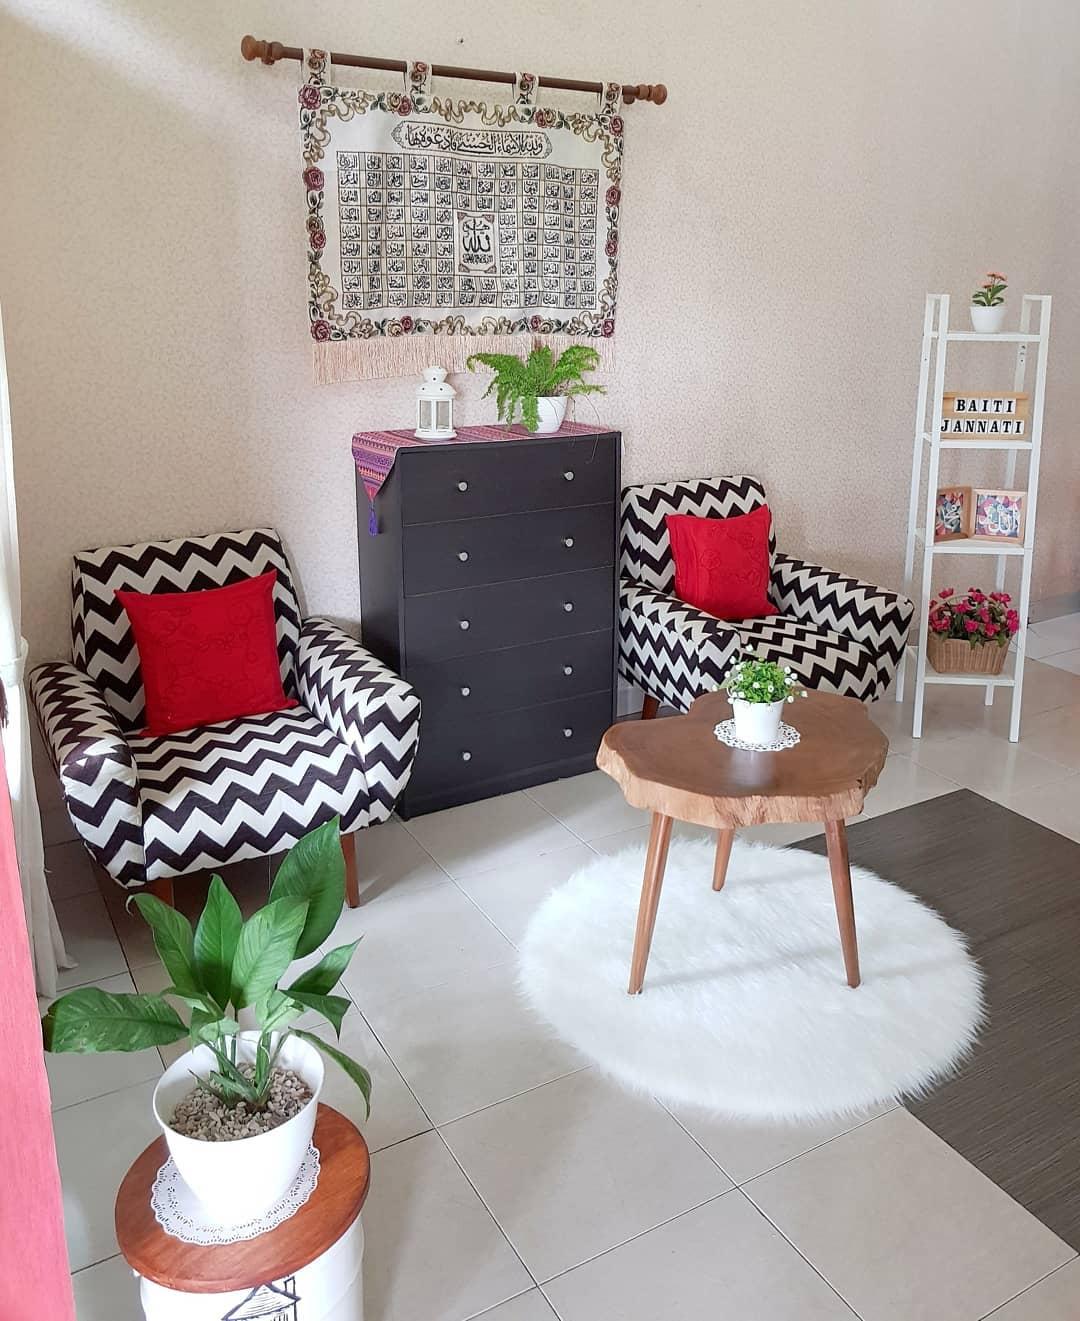 Rak Sudut Ruang Tamu Susun Serba Guna Pesan Hiasan Dinding Rumah Silahkan Whats 08568160677